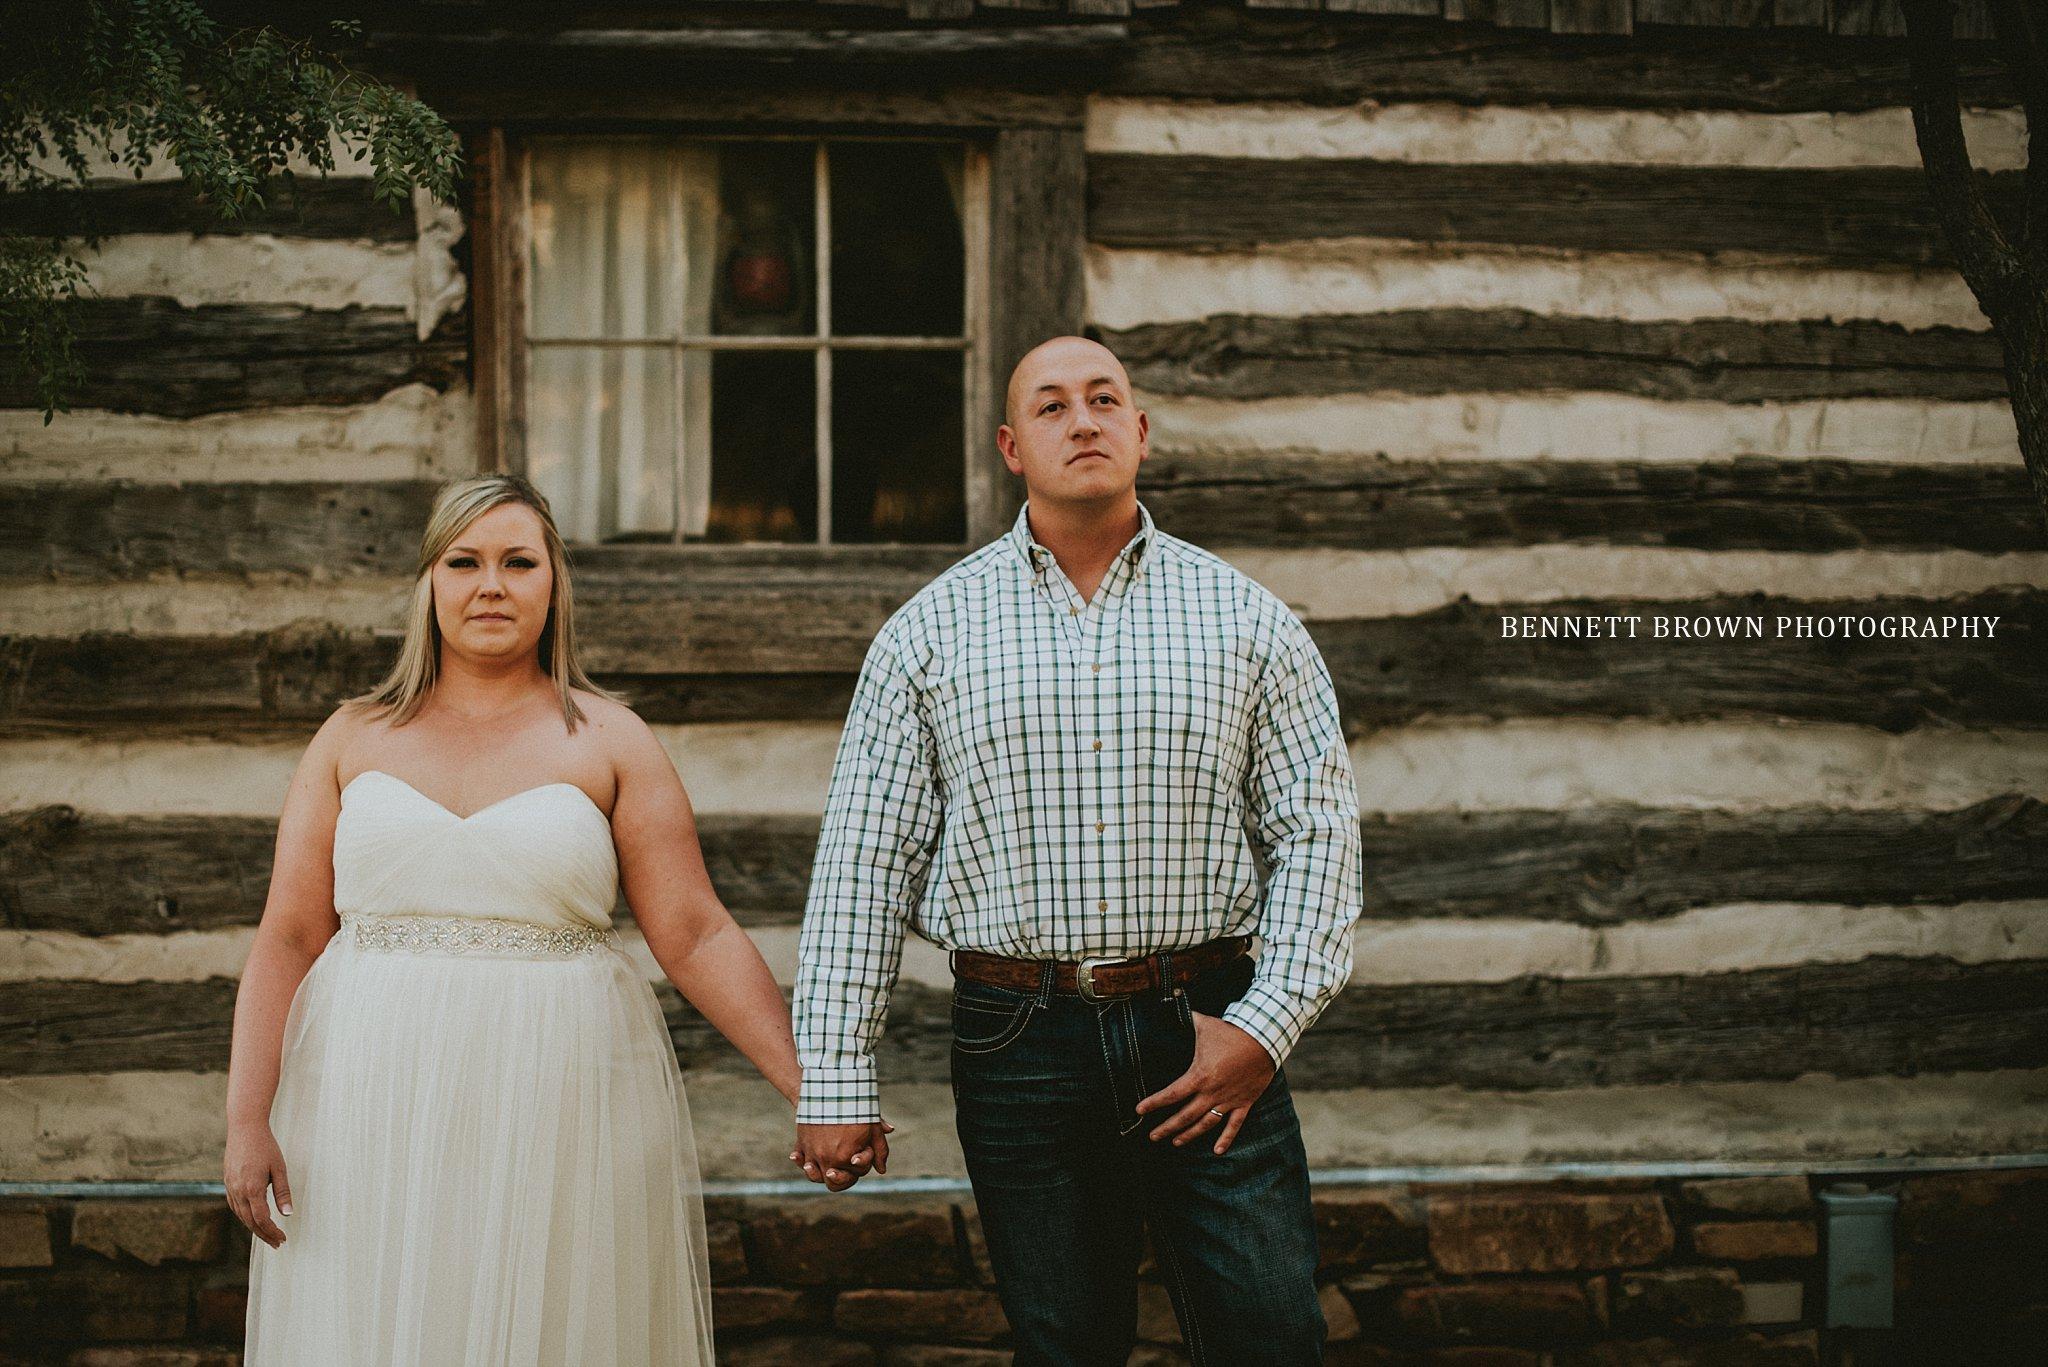 Bride groom gown plaid wedding reception